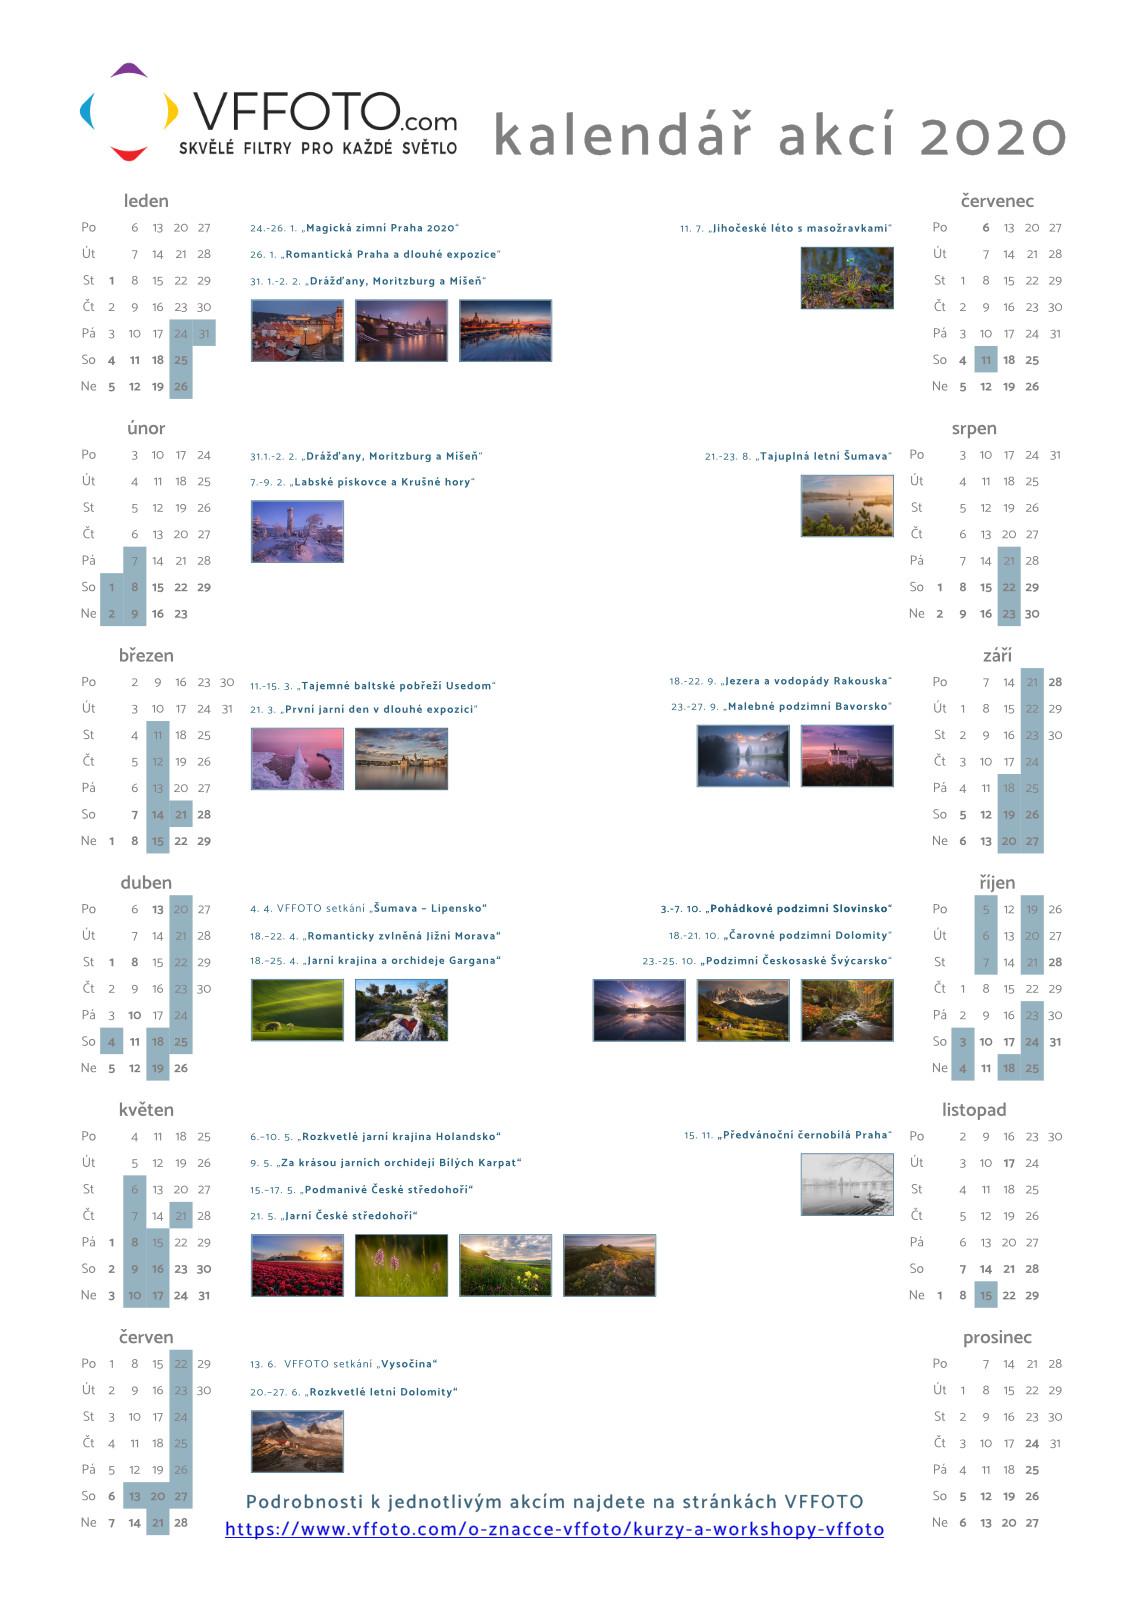 kalendář akcí VFFOTO